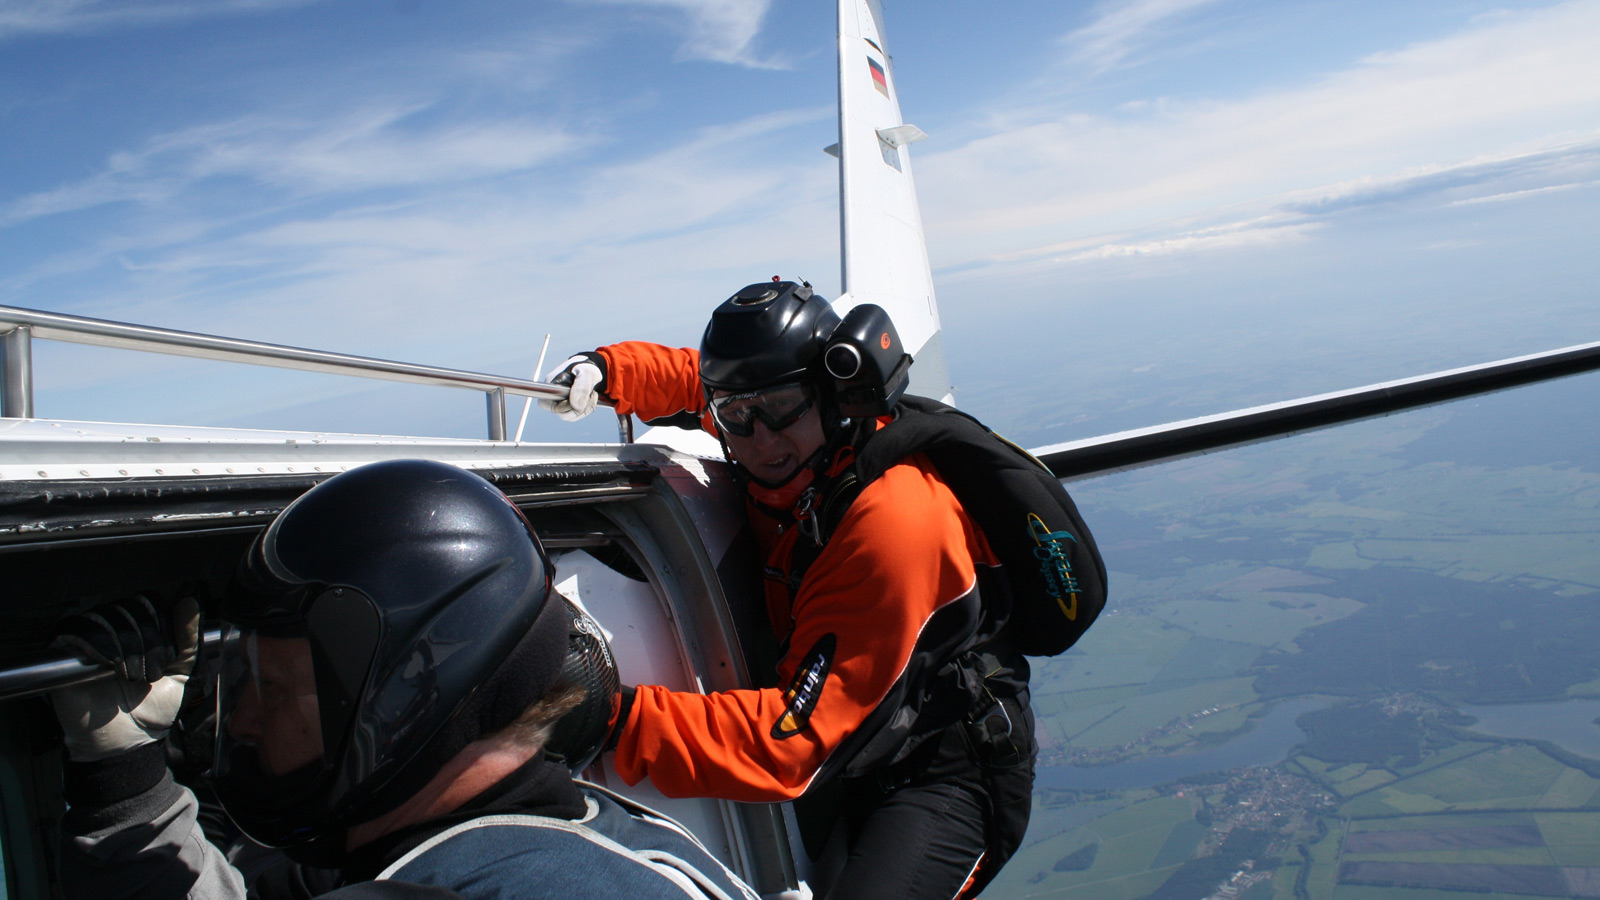 Kameramann kurz vor Fallschirmsprung außen an der Tür